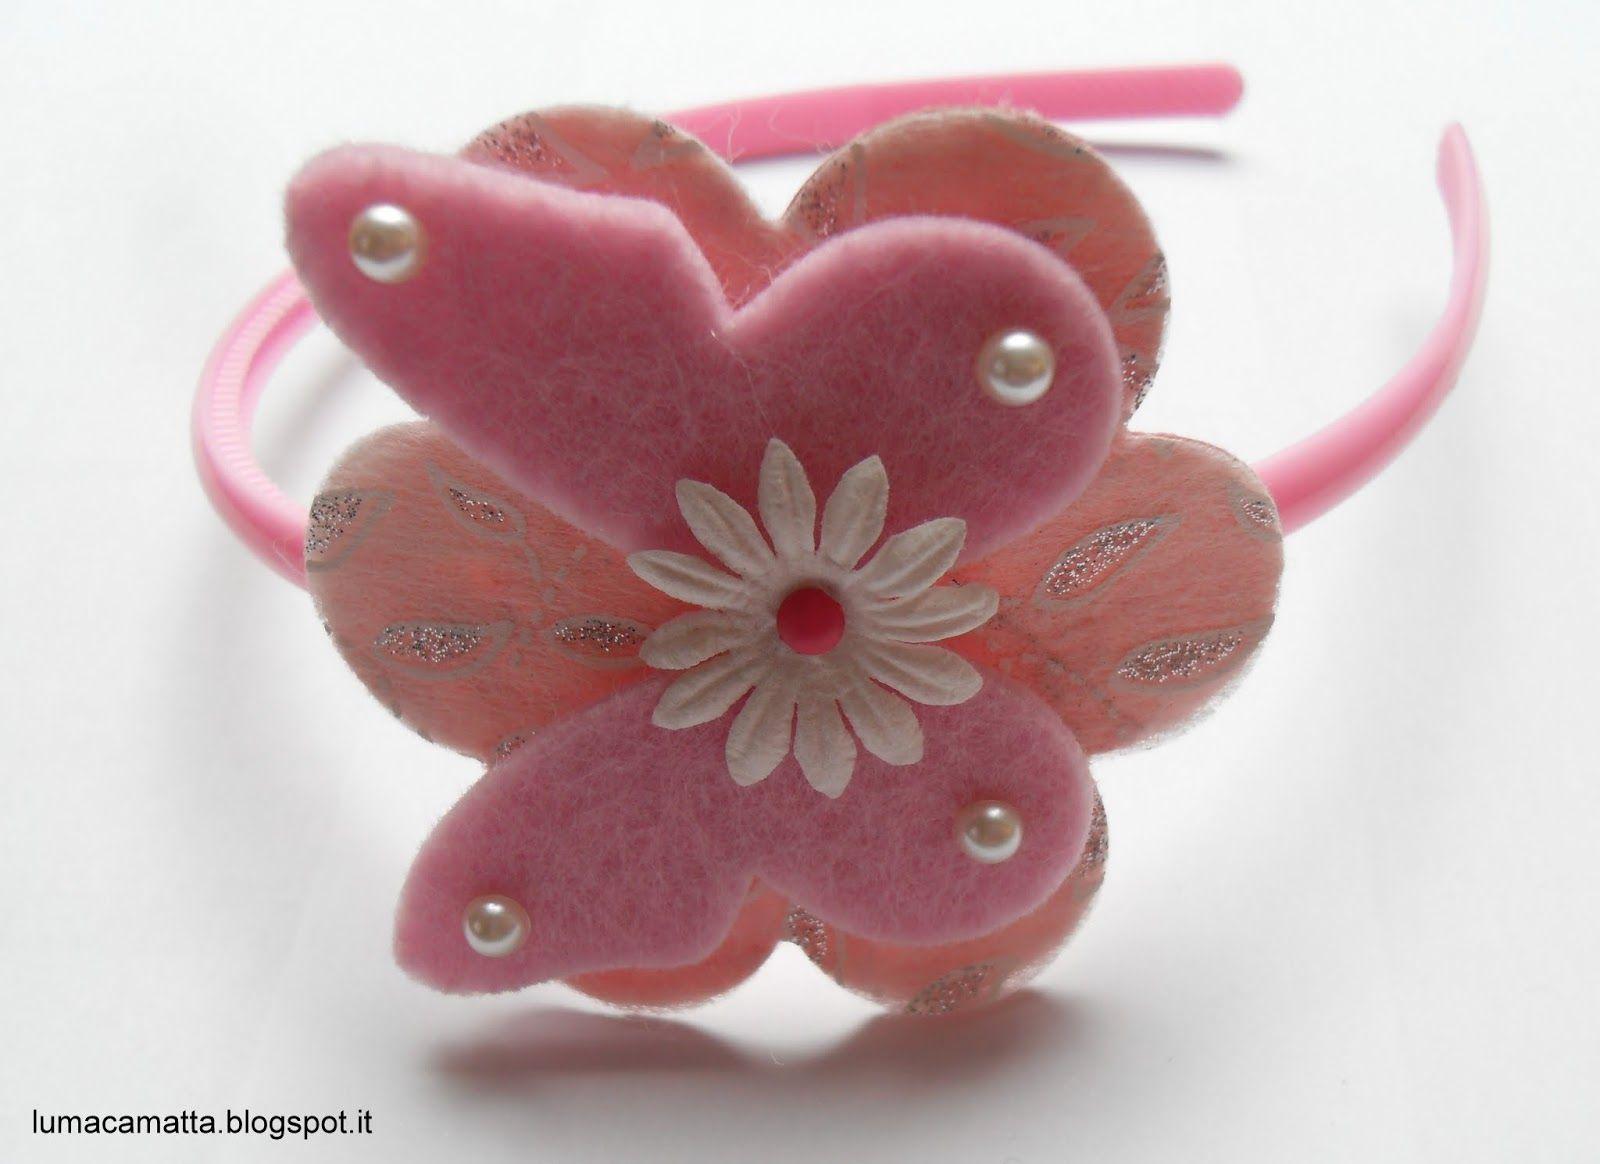 Handmade with love Lumaca Matta -